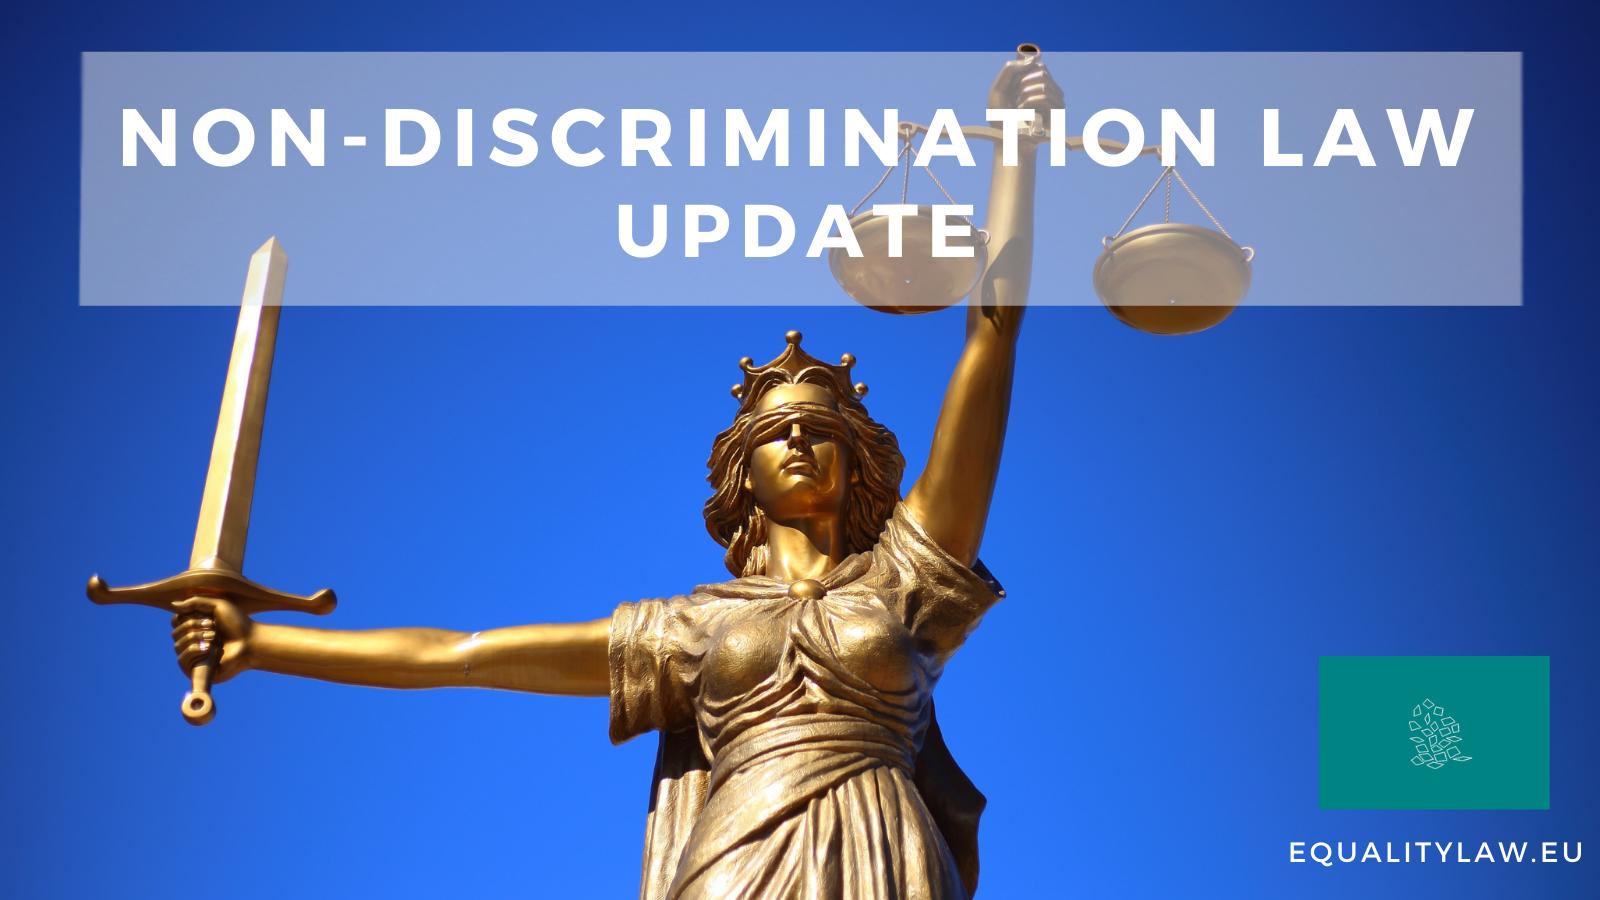 Non-discrimination law UPDATE